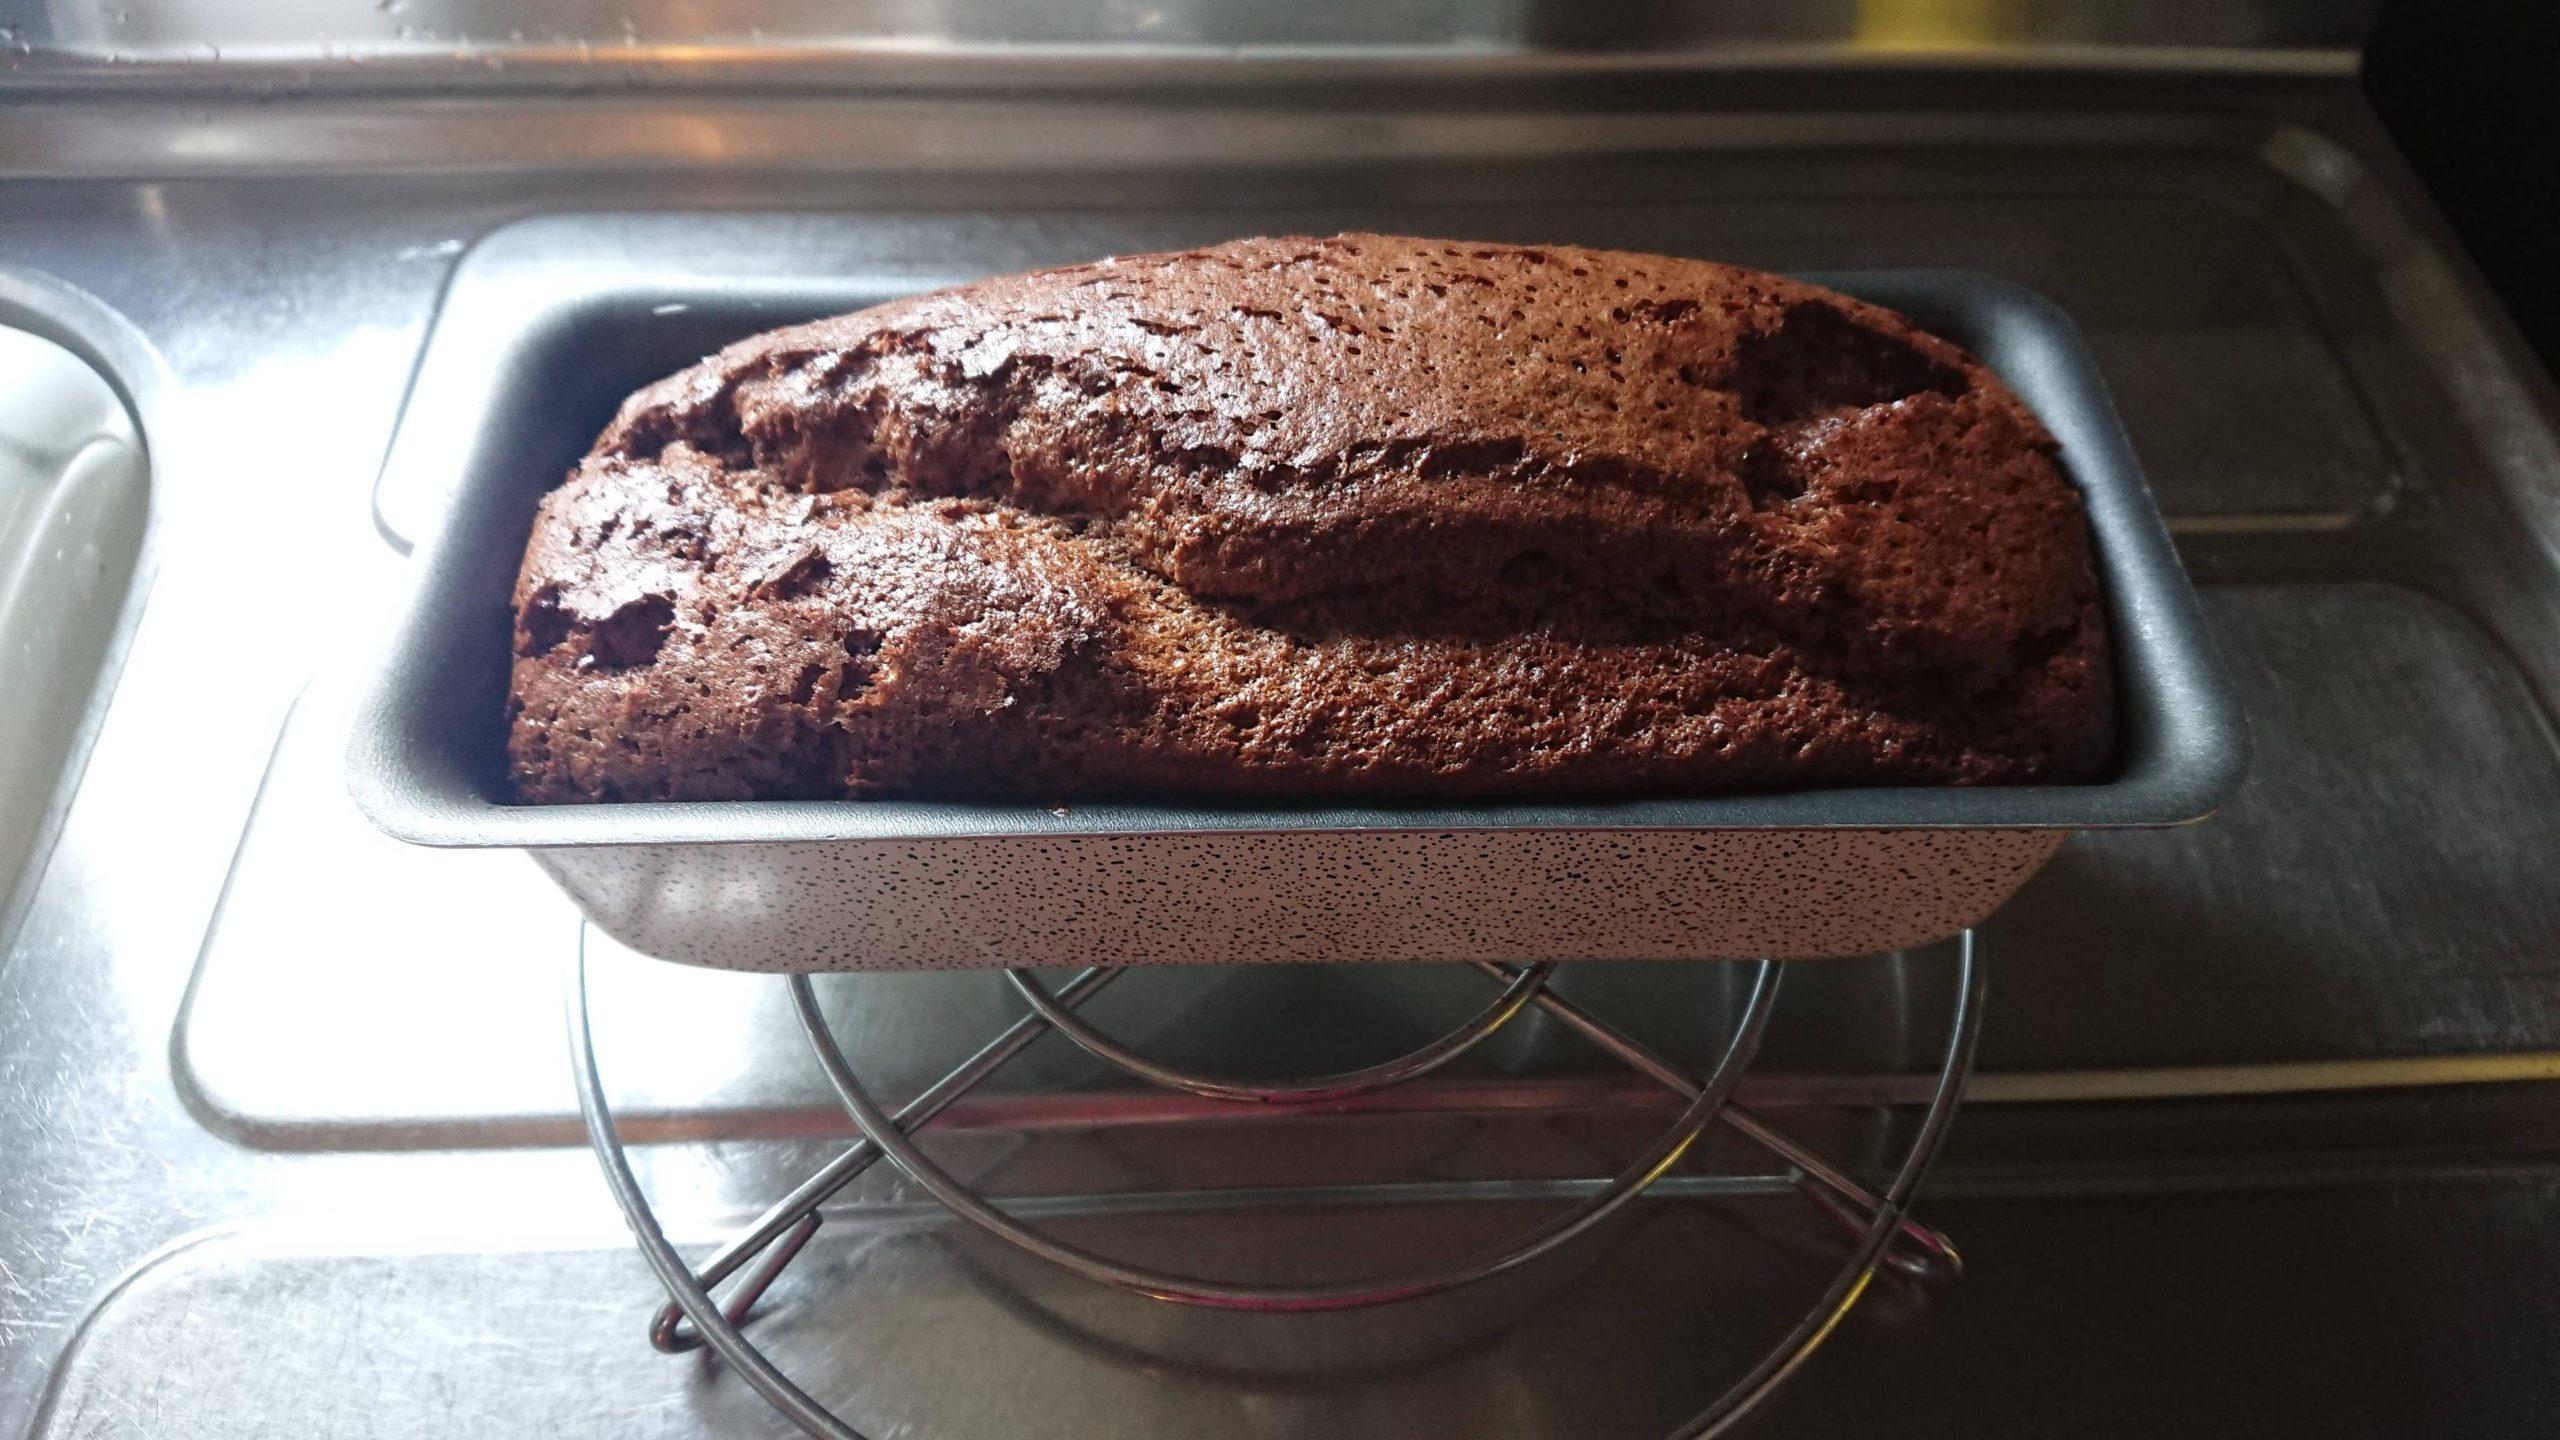 【画像】ケーキ(ガトーショコラ)焼いたんだが…